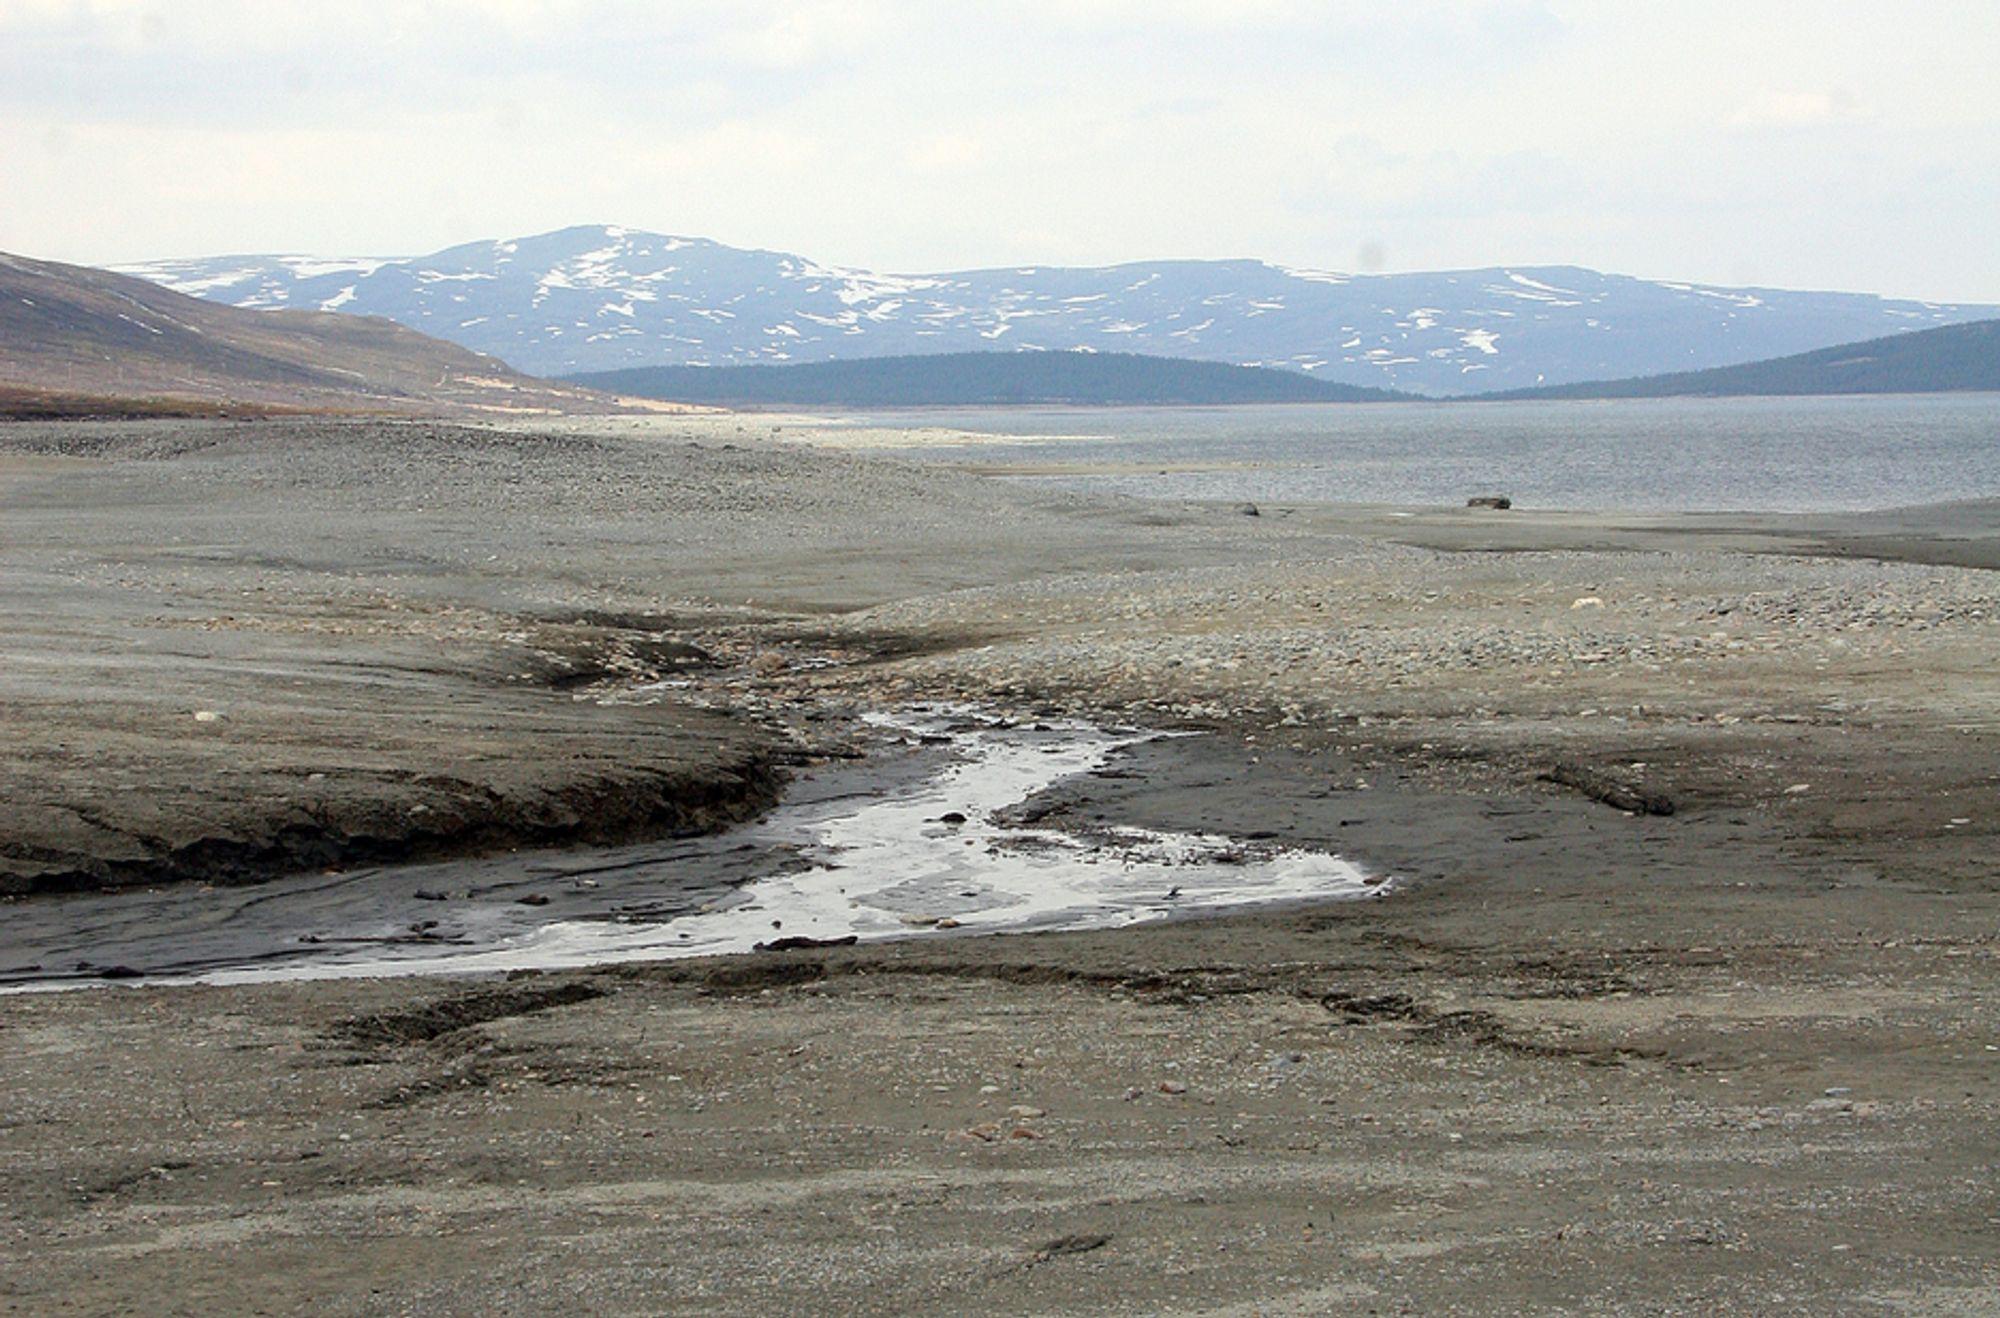 FØLELSESLADET: Det store fjellvannet Tesse i Lom kommune er redusert til en liten dam omgitt av en ørken av stein og sand. Fem ordførere har jobbet for å endre dette bildet.